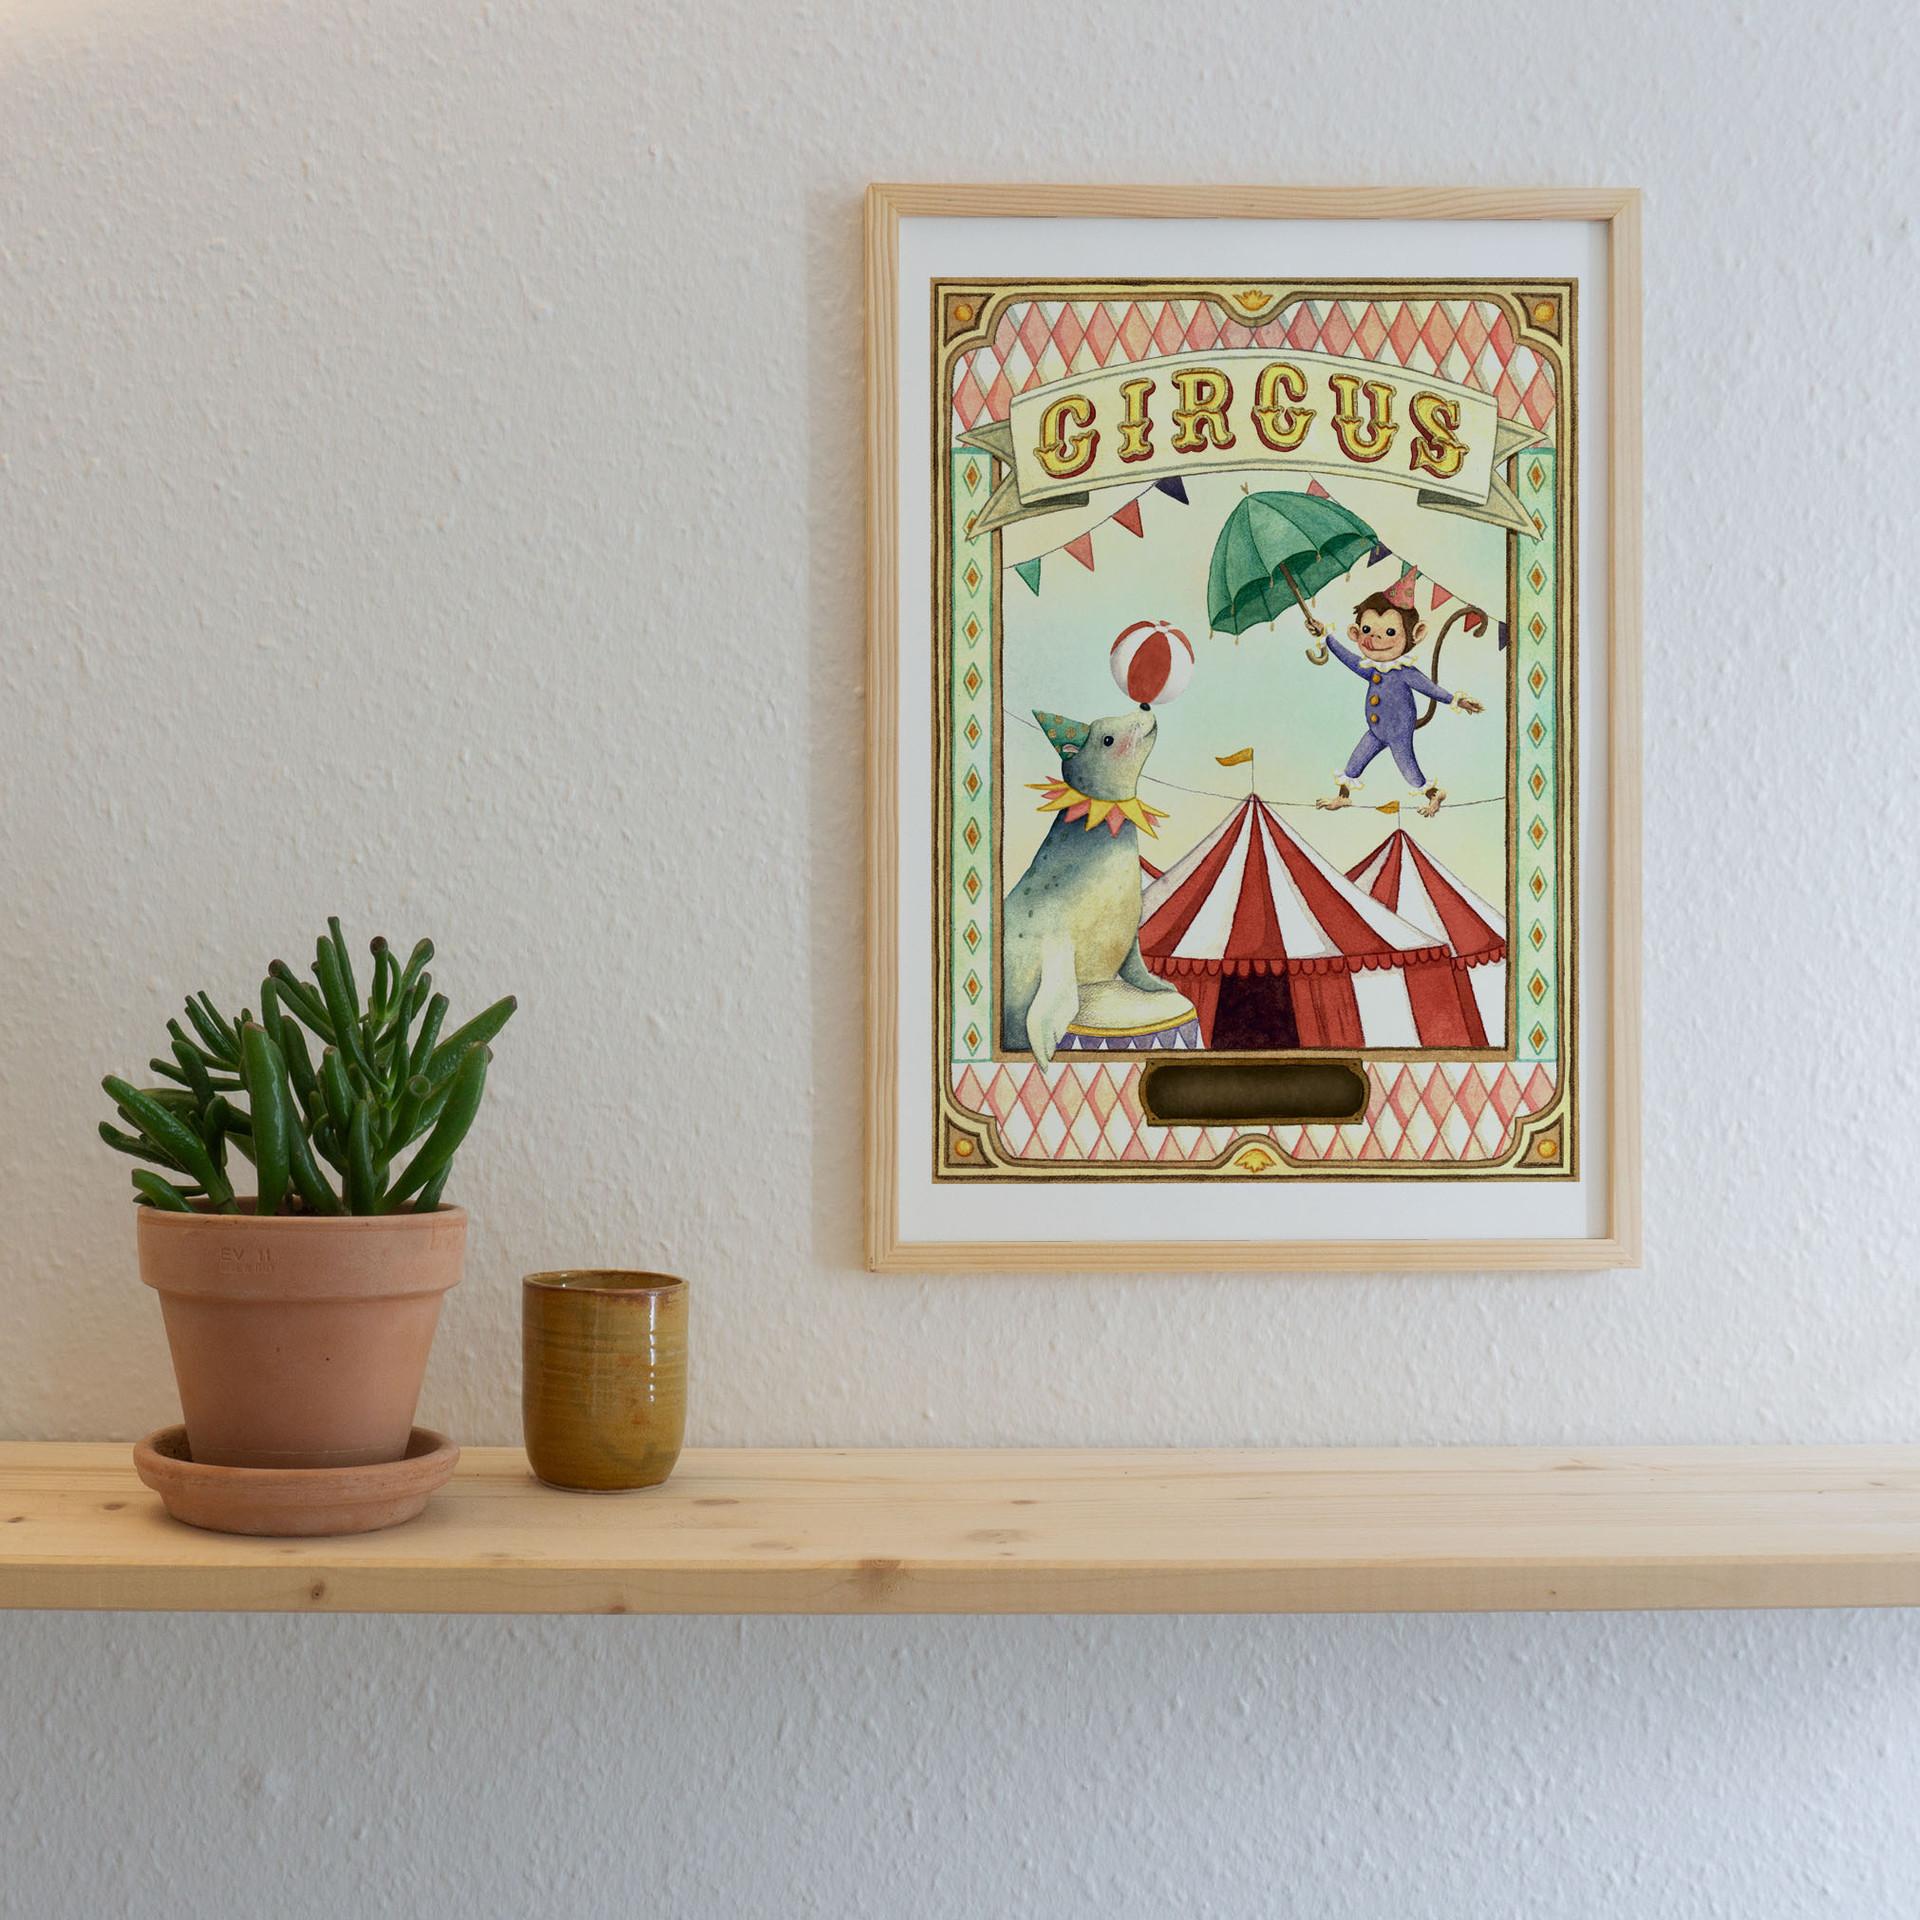 Circusplakaten